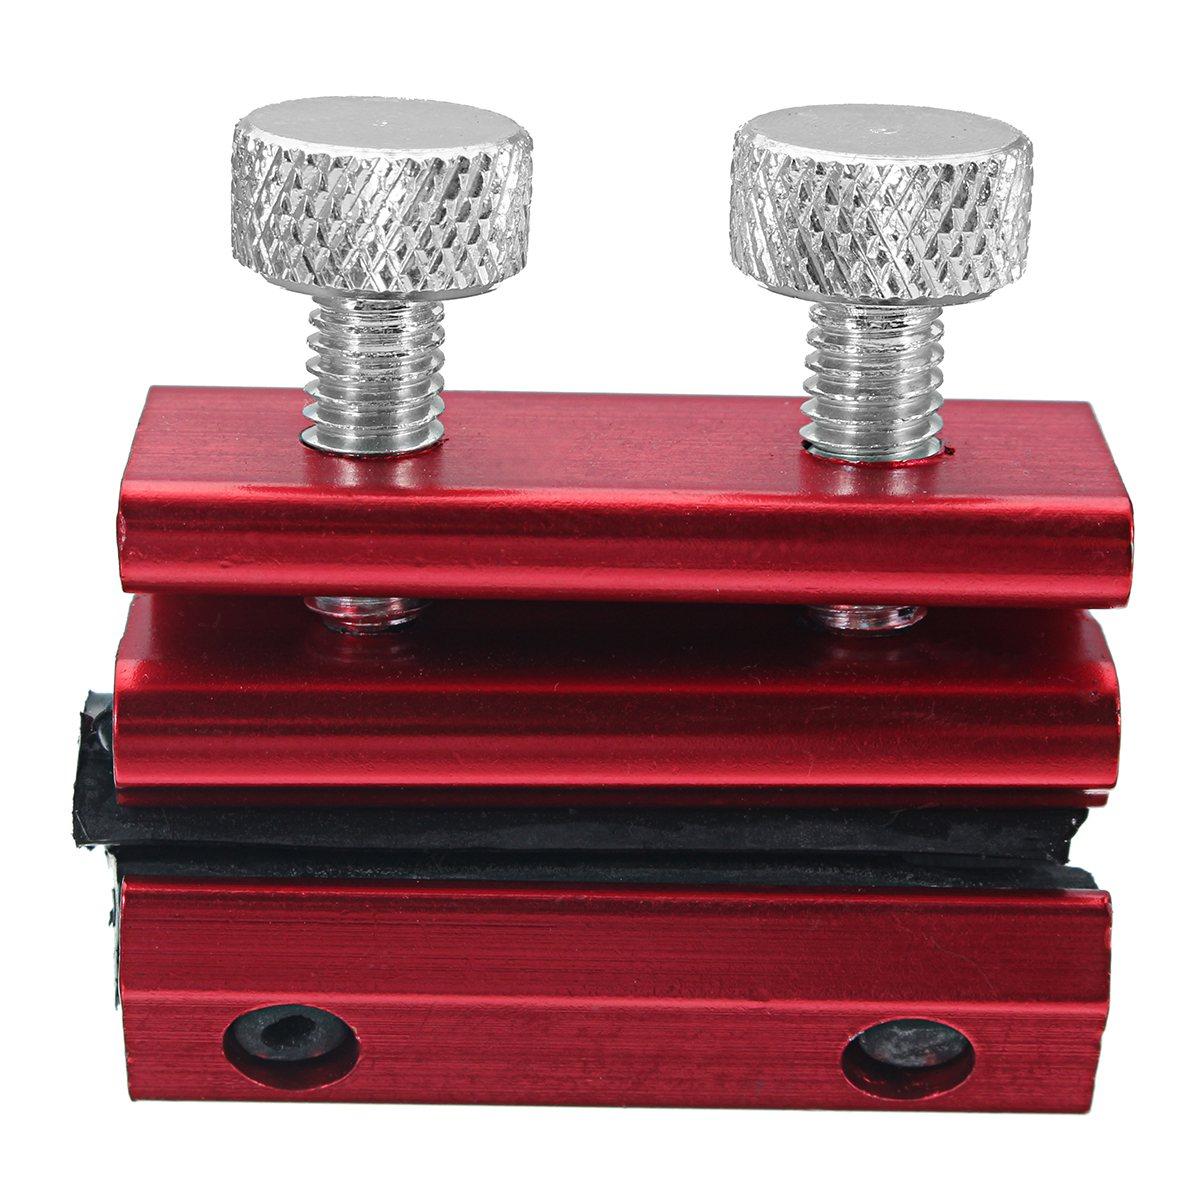 Motocicleta de aluminio herramienta lubricante cable lubricación Alambres engrasador freno línea repostar lubricación